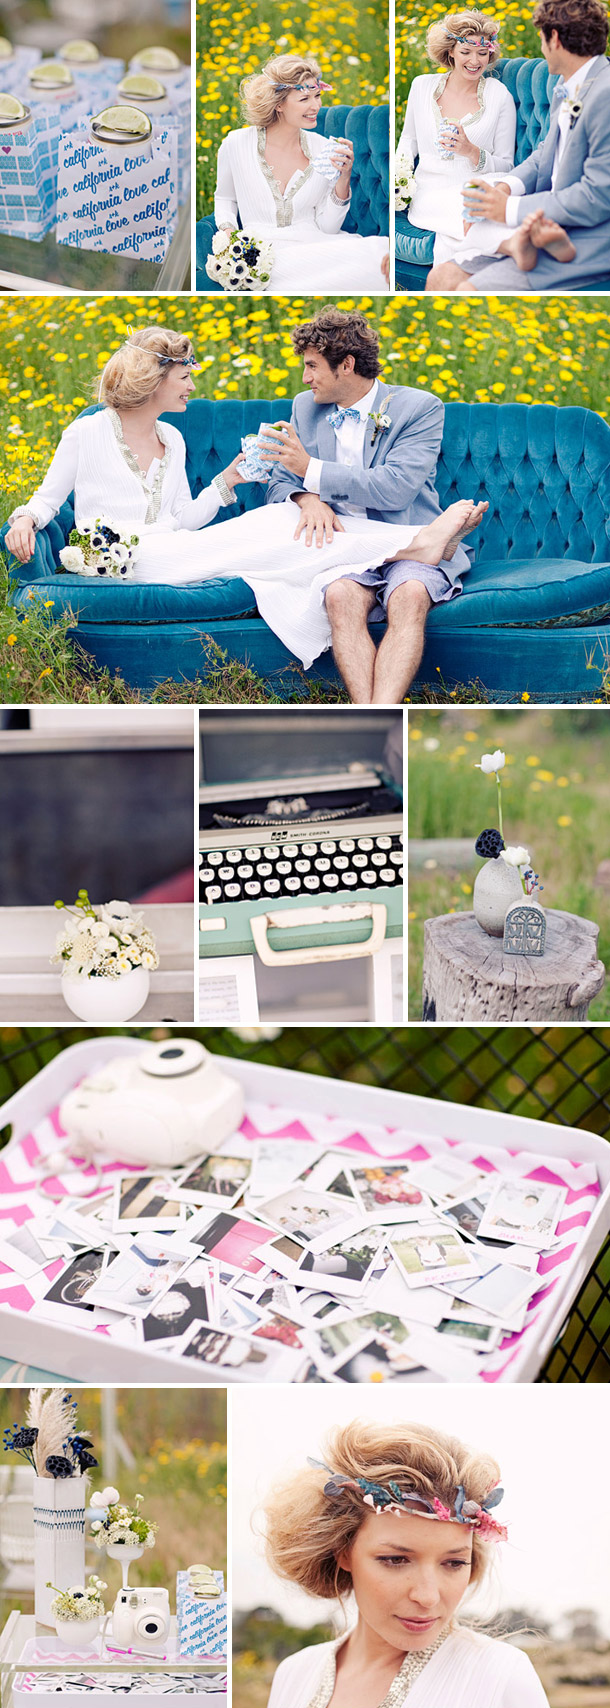 Kalifornische Hochzeitsinspirationen: Imbisswagen von Joielala Photography